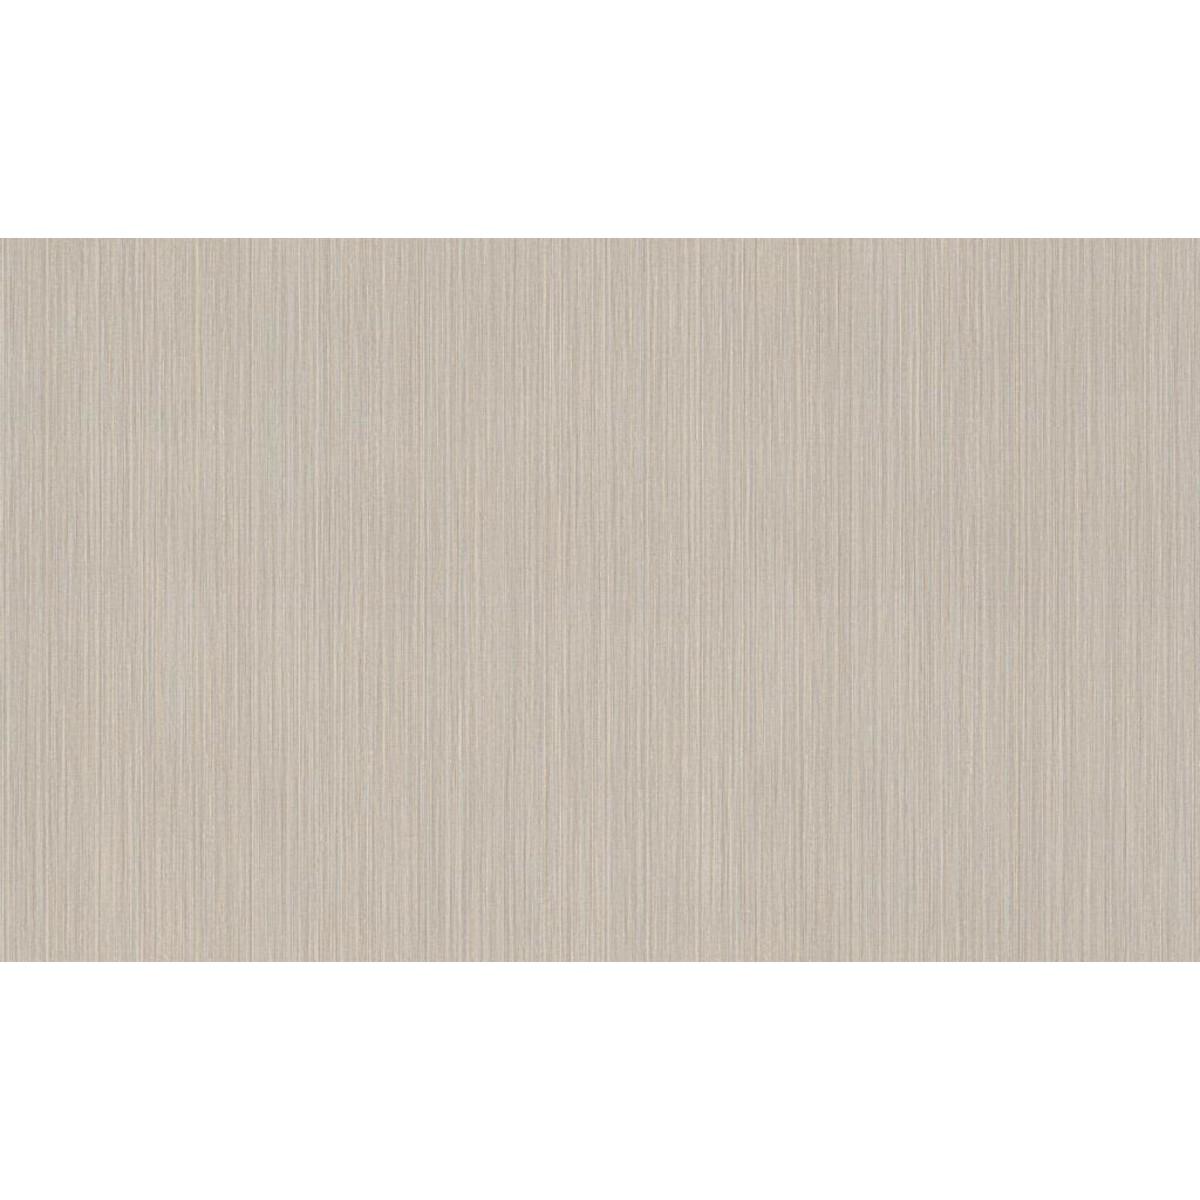 Обои флизелиновые Rasch Filigrano серые 1.06 м 963205